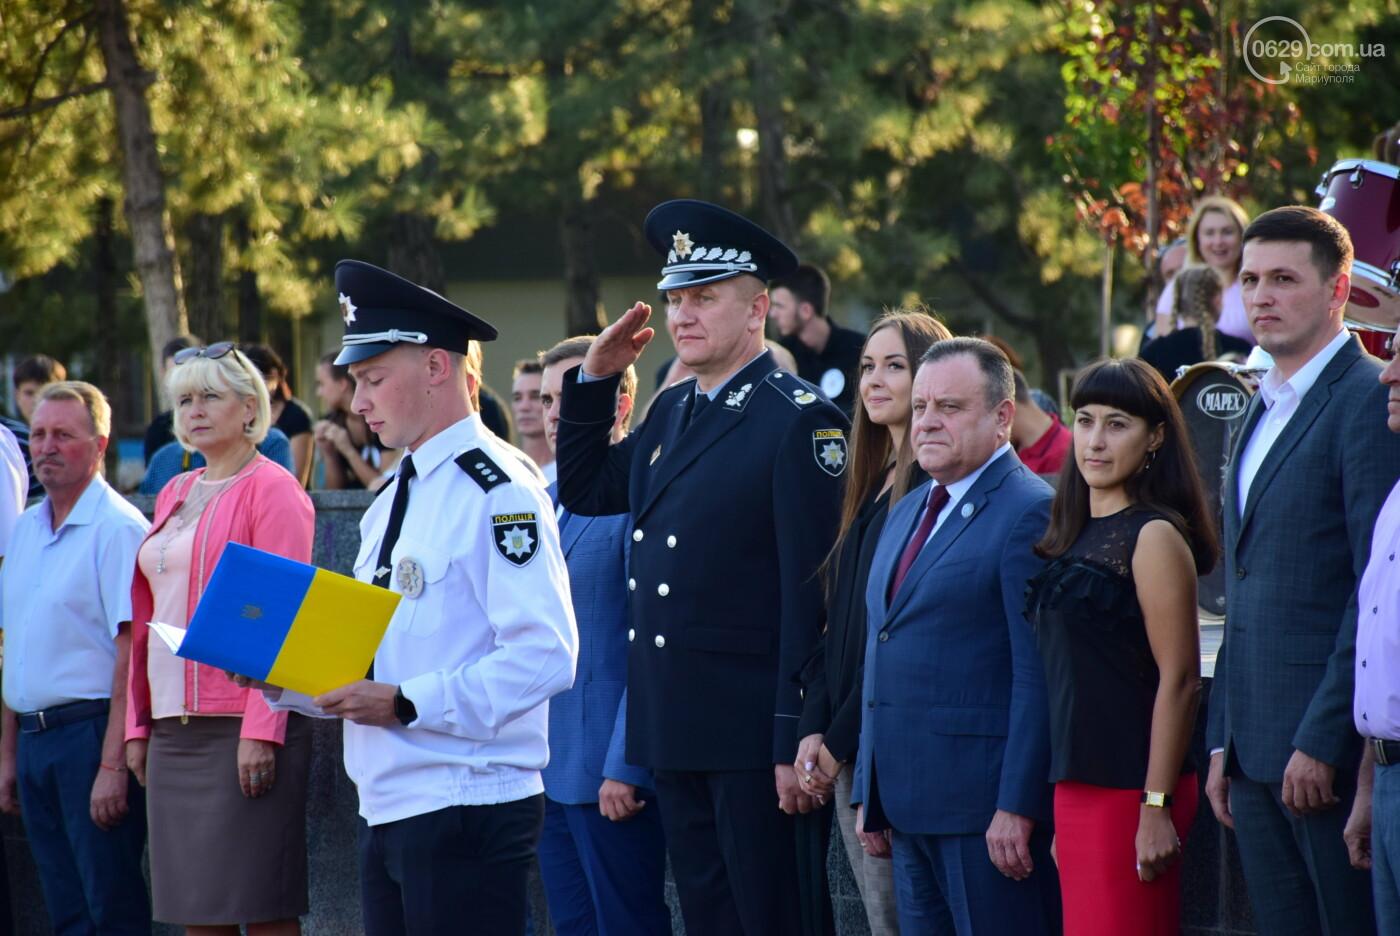 У Донецькому юридичному інституті МВС України відбулися урочисті заходи, присвячені складанню клятви курсанта та студента, фото-10